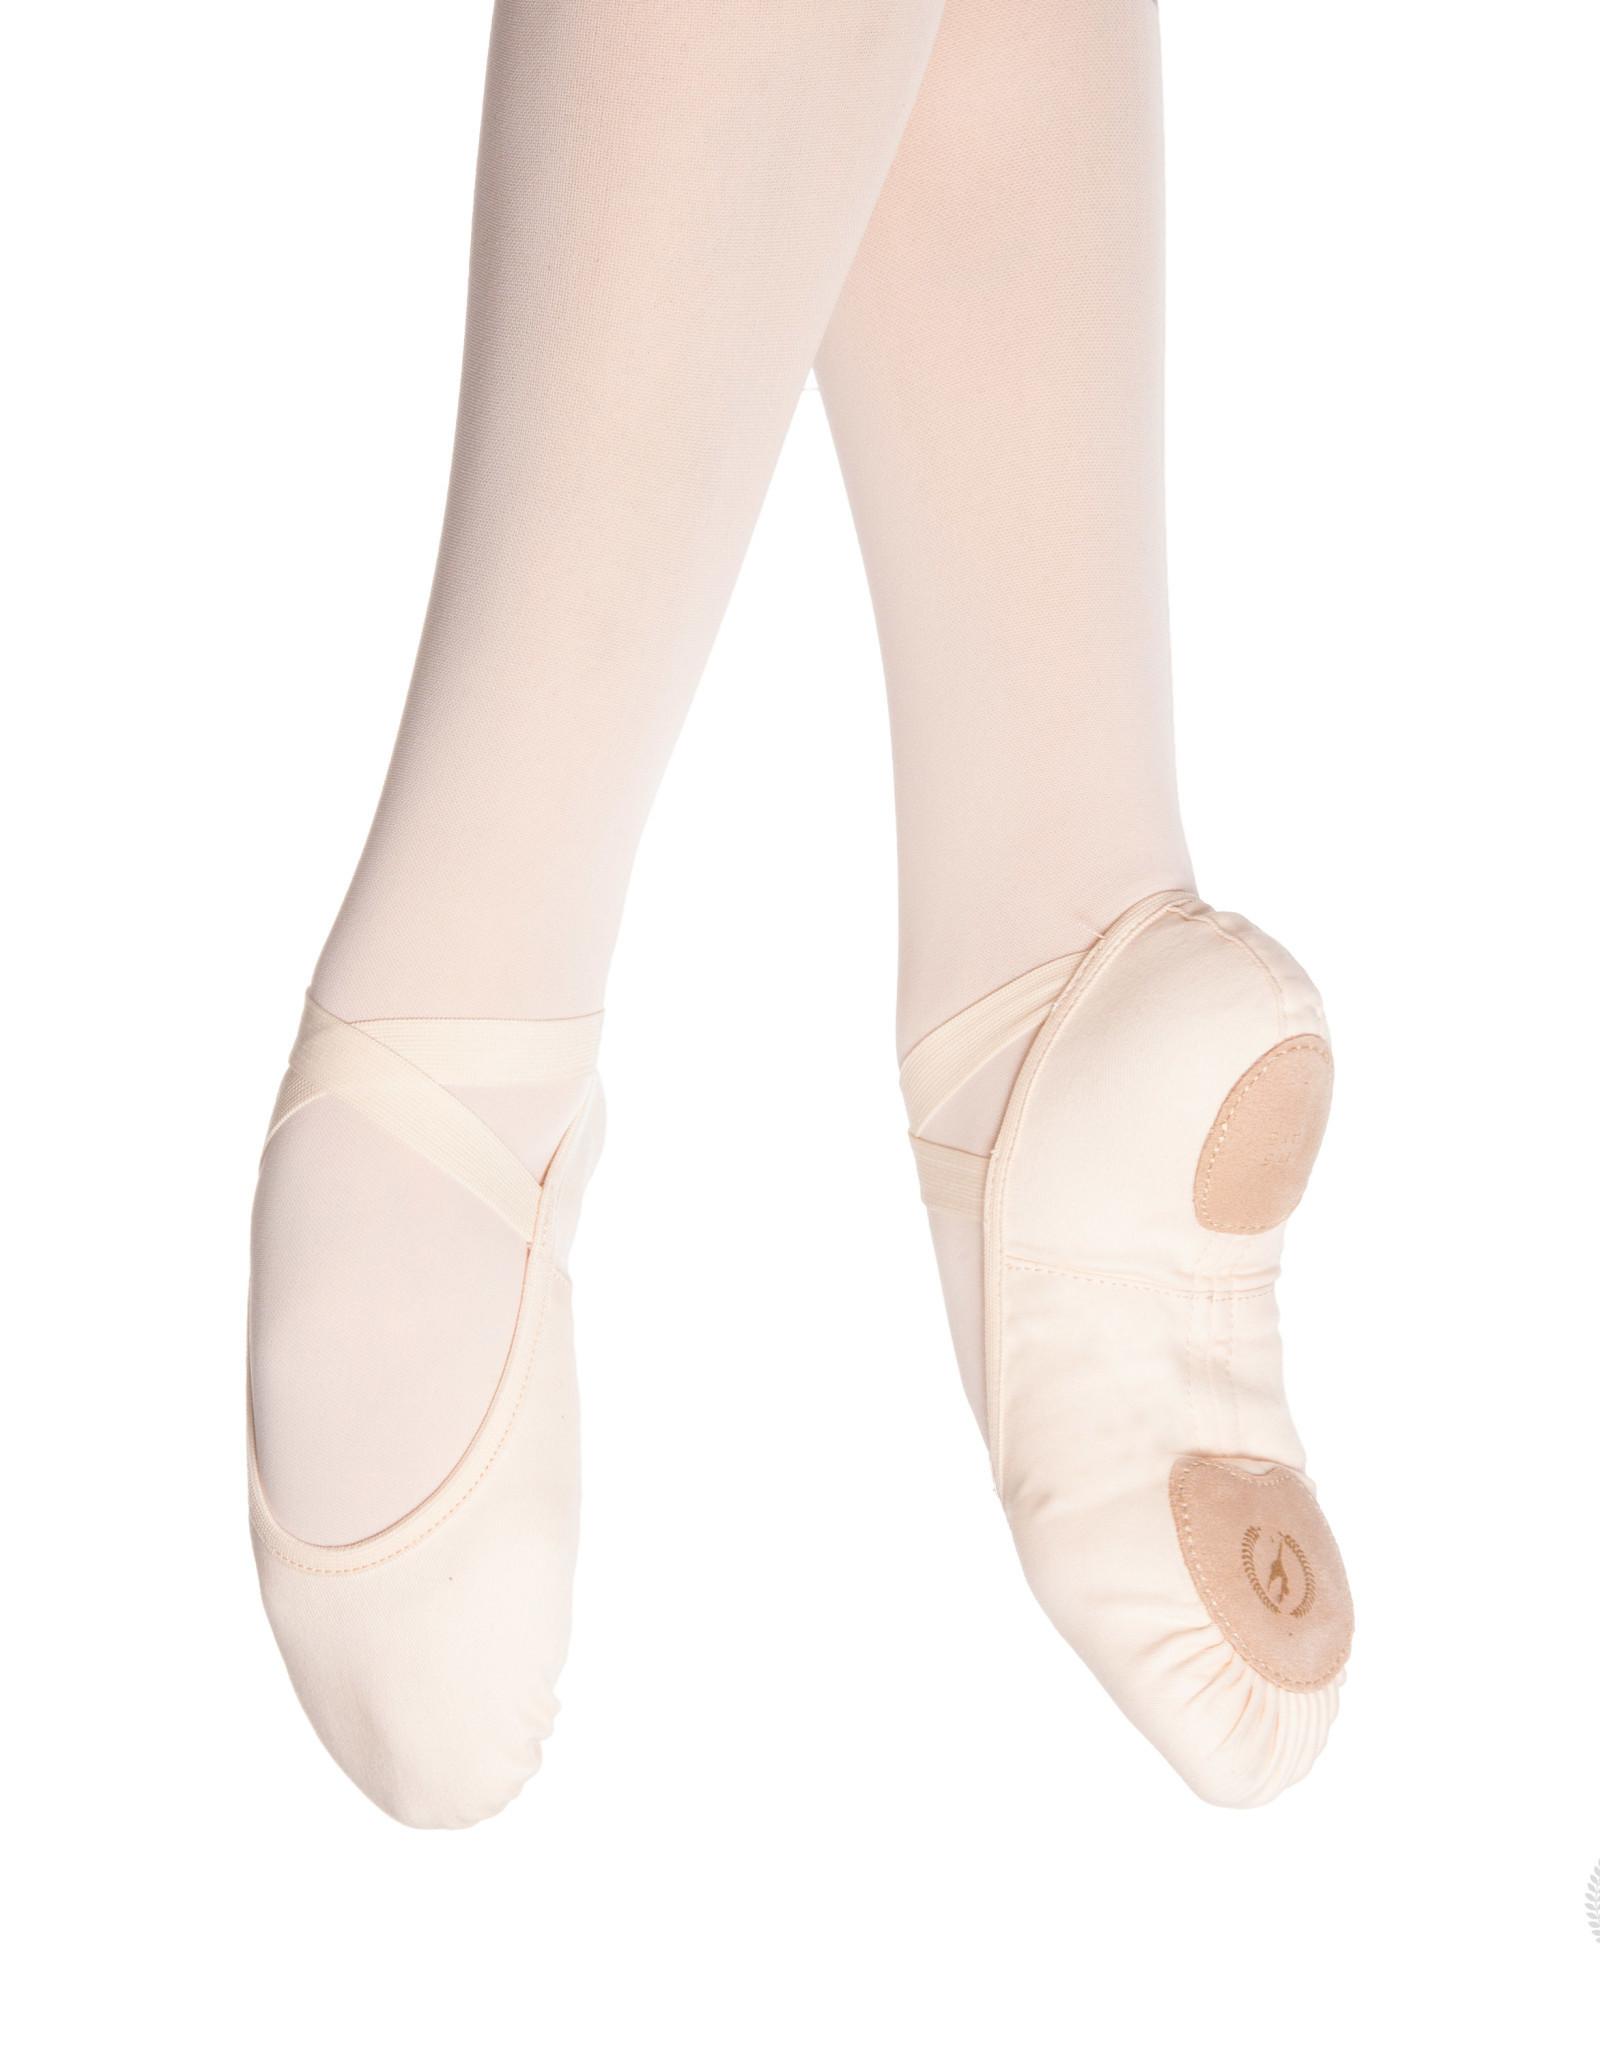 Eurotard Eurotard Ballet Slipper Child A1004C